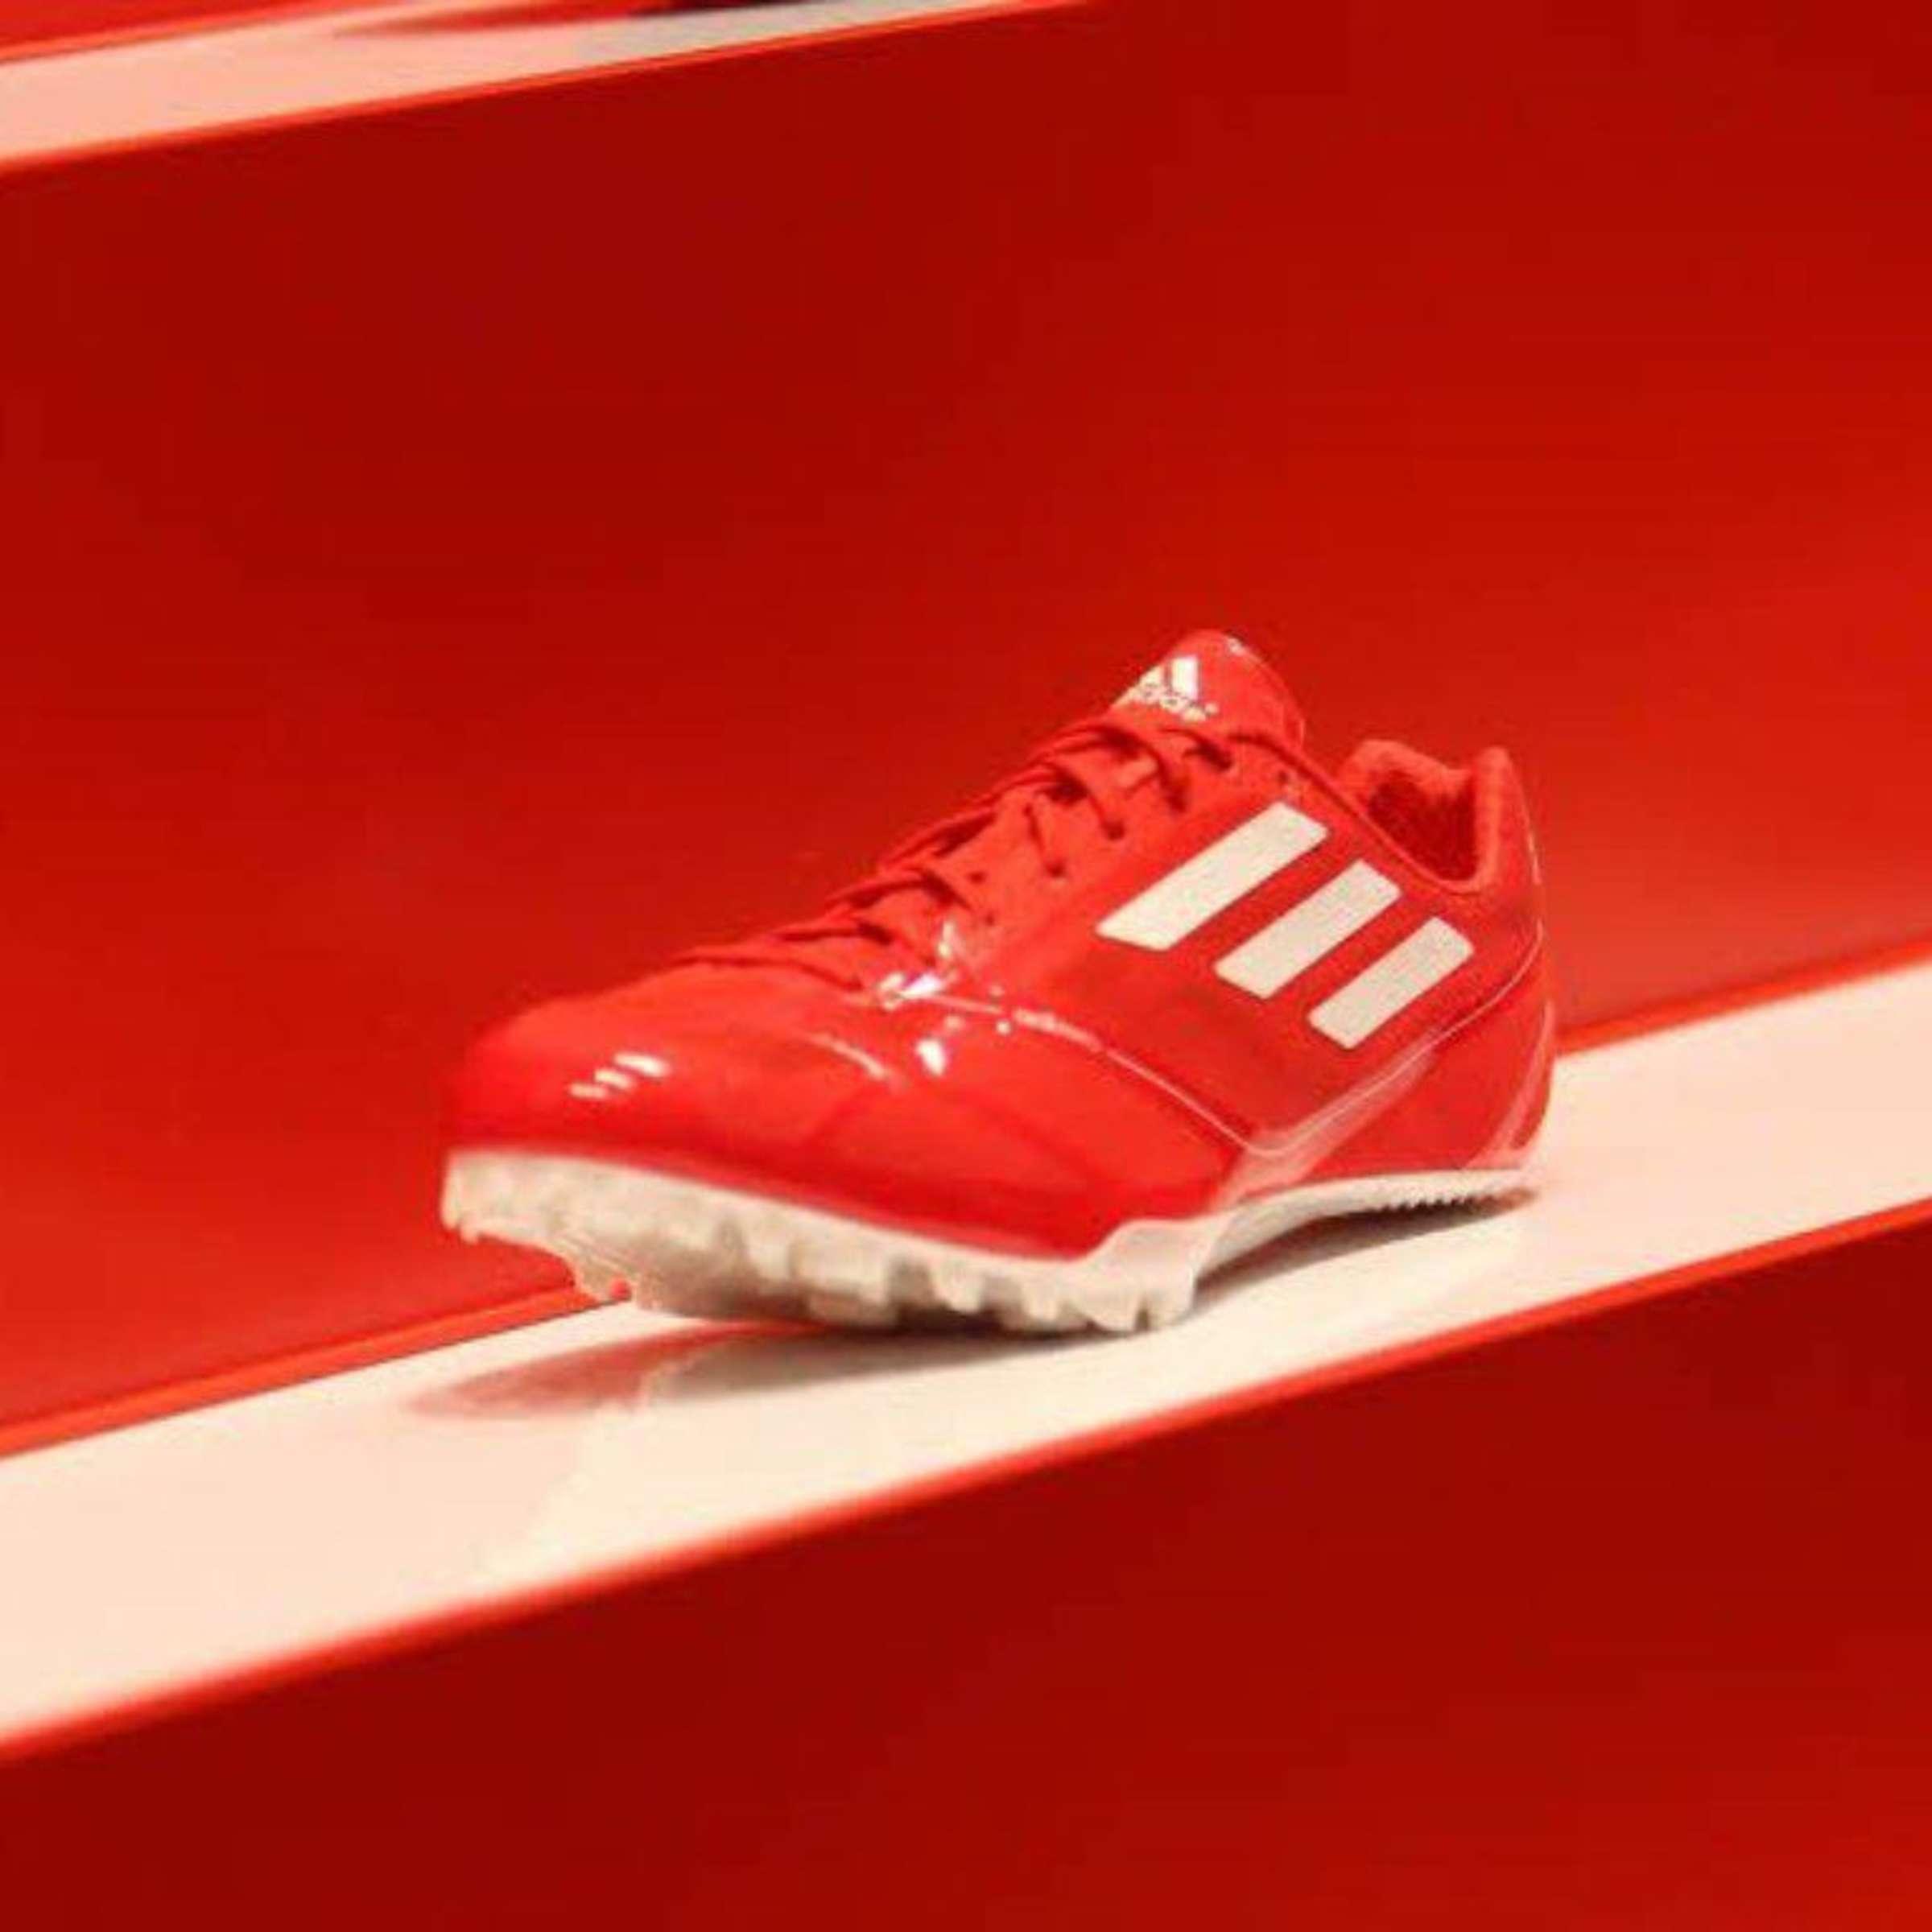 Adidas plant Billig Turnschuh für Dritte Welt   Wirtschaft